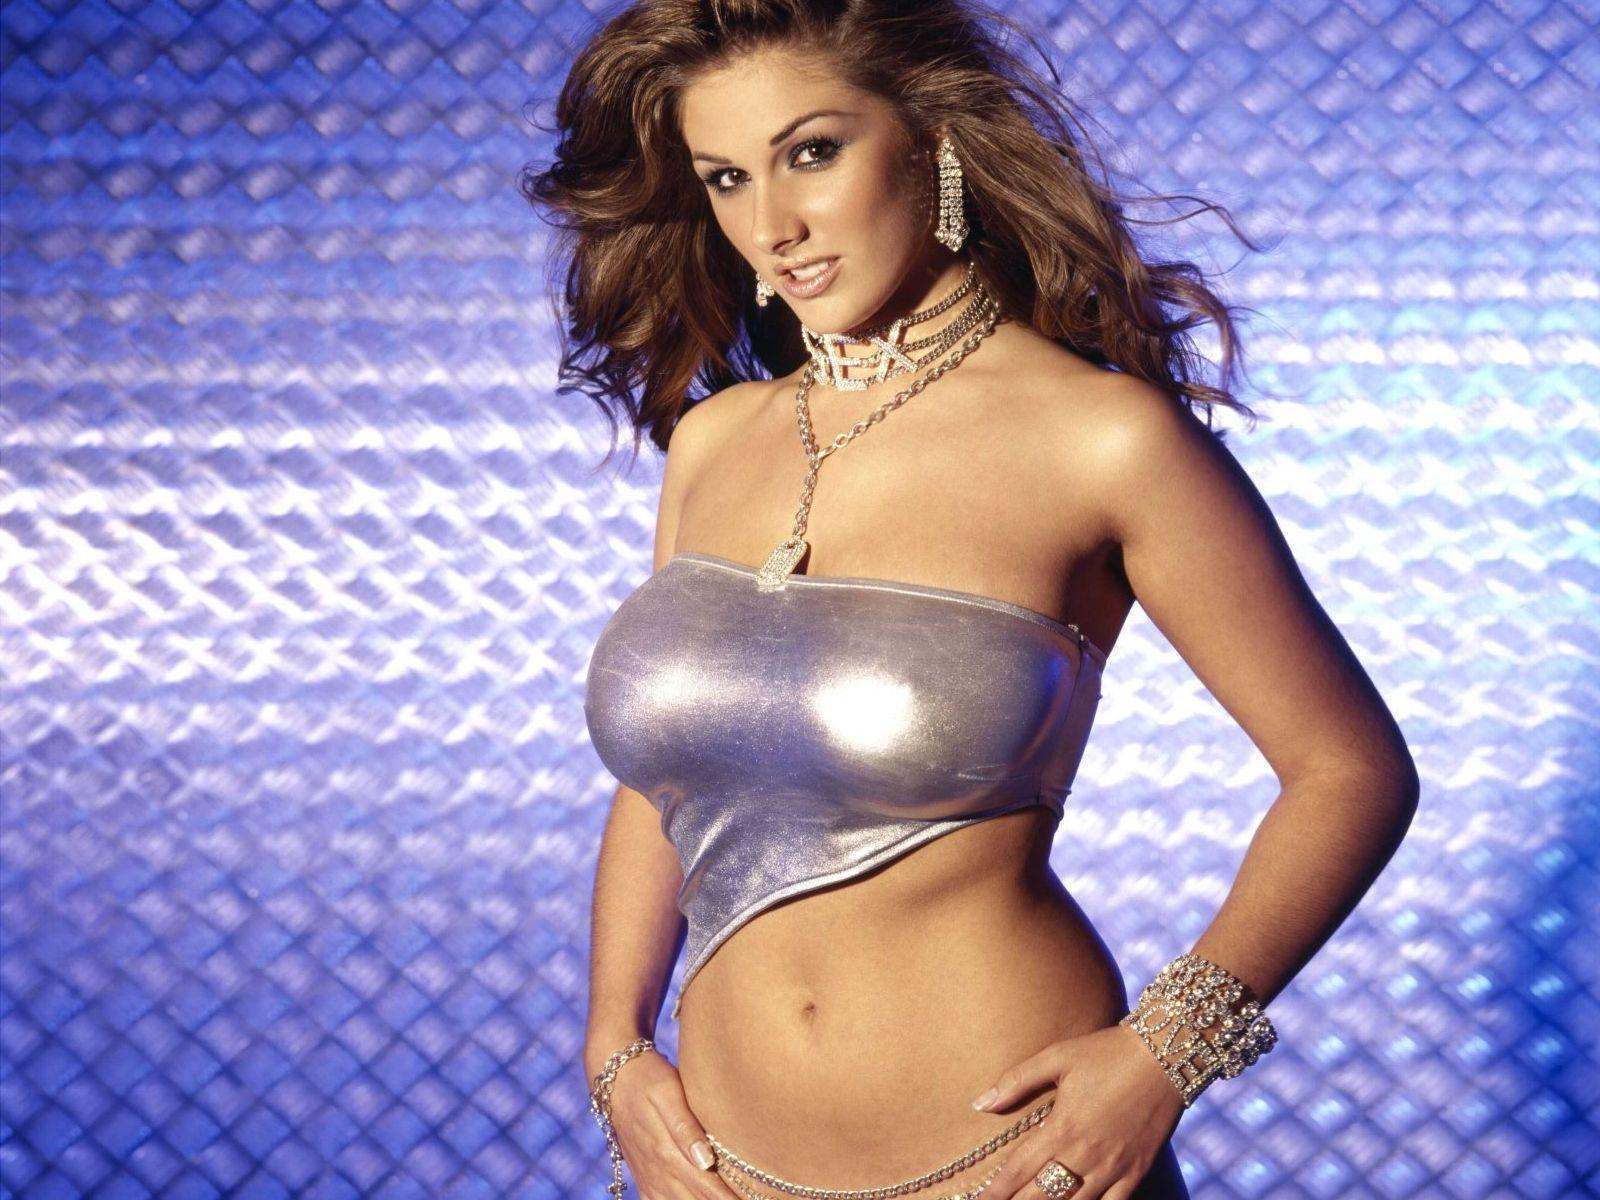 http://3.bp.blogspot.com/_gRl1tLJOW7Q/TLfcgKvRu1I/AAAAAAAABLA/ZglqGNLDJ5k/s1600/lucy_pinder_silver_bikini_desktop_wallpaper_13870_raj.jpg